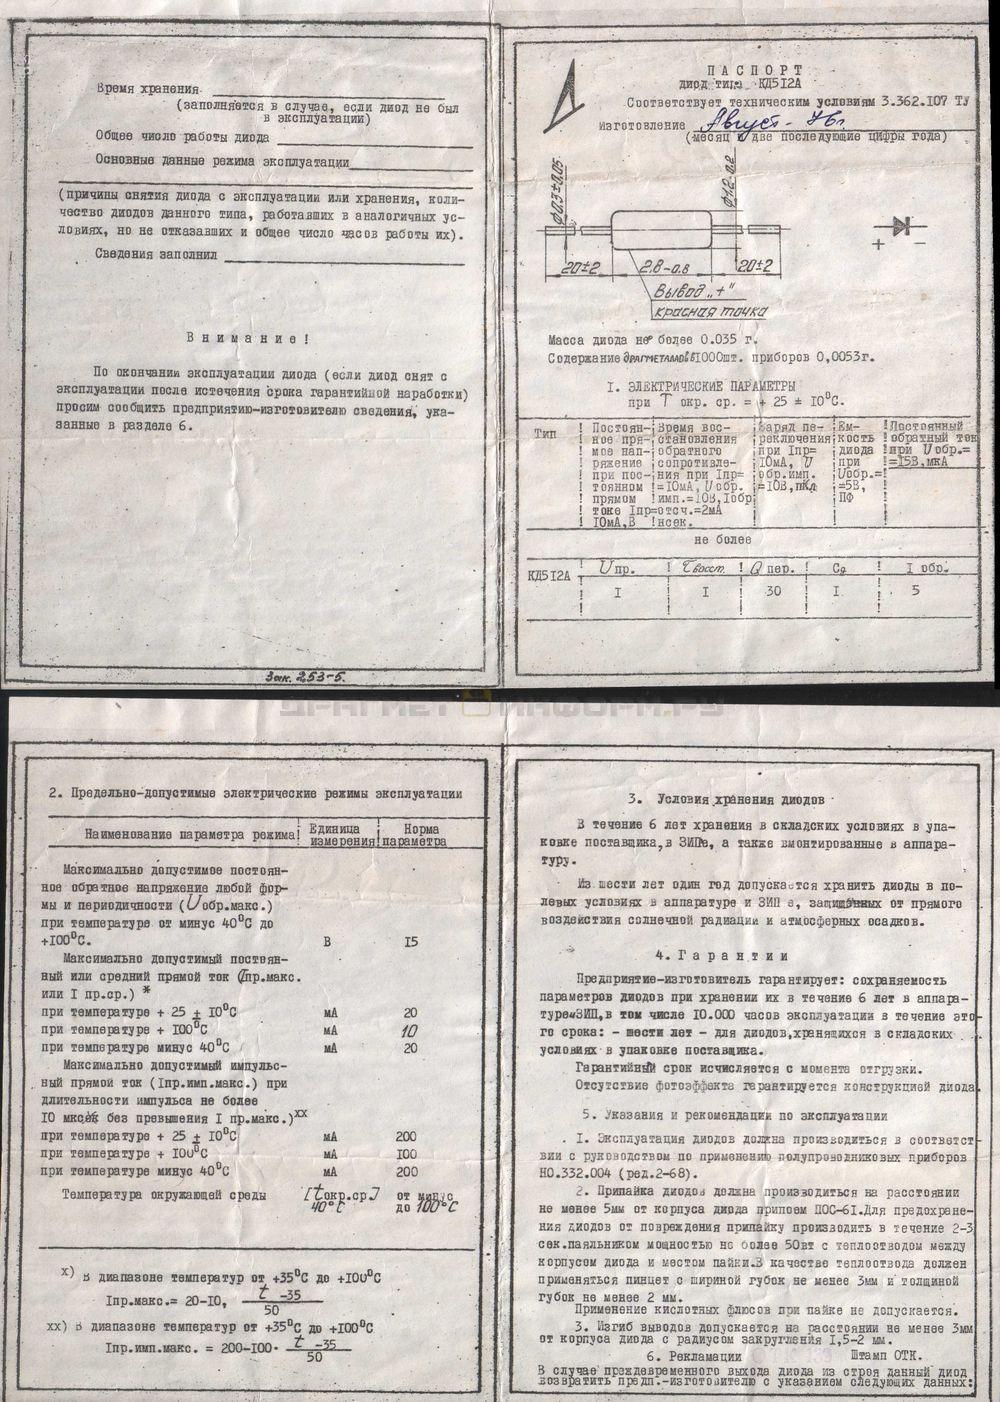 Формуляр КД512